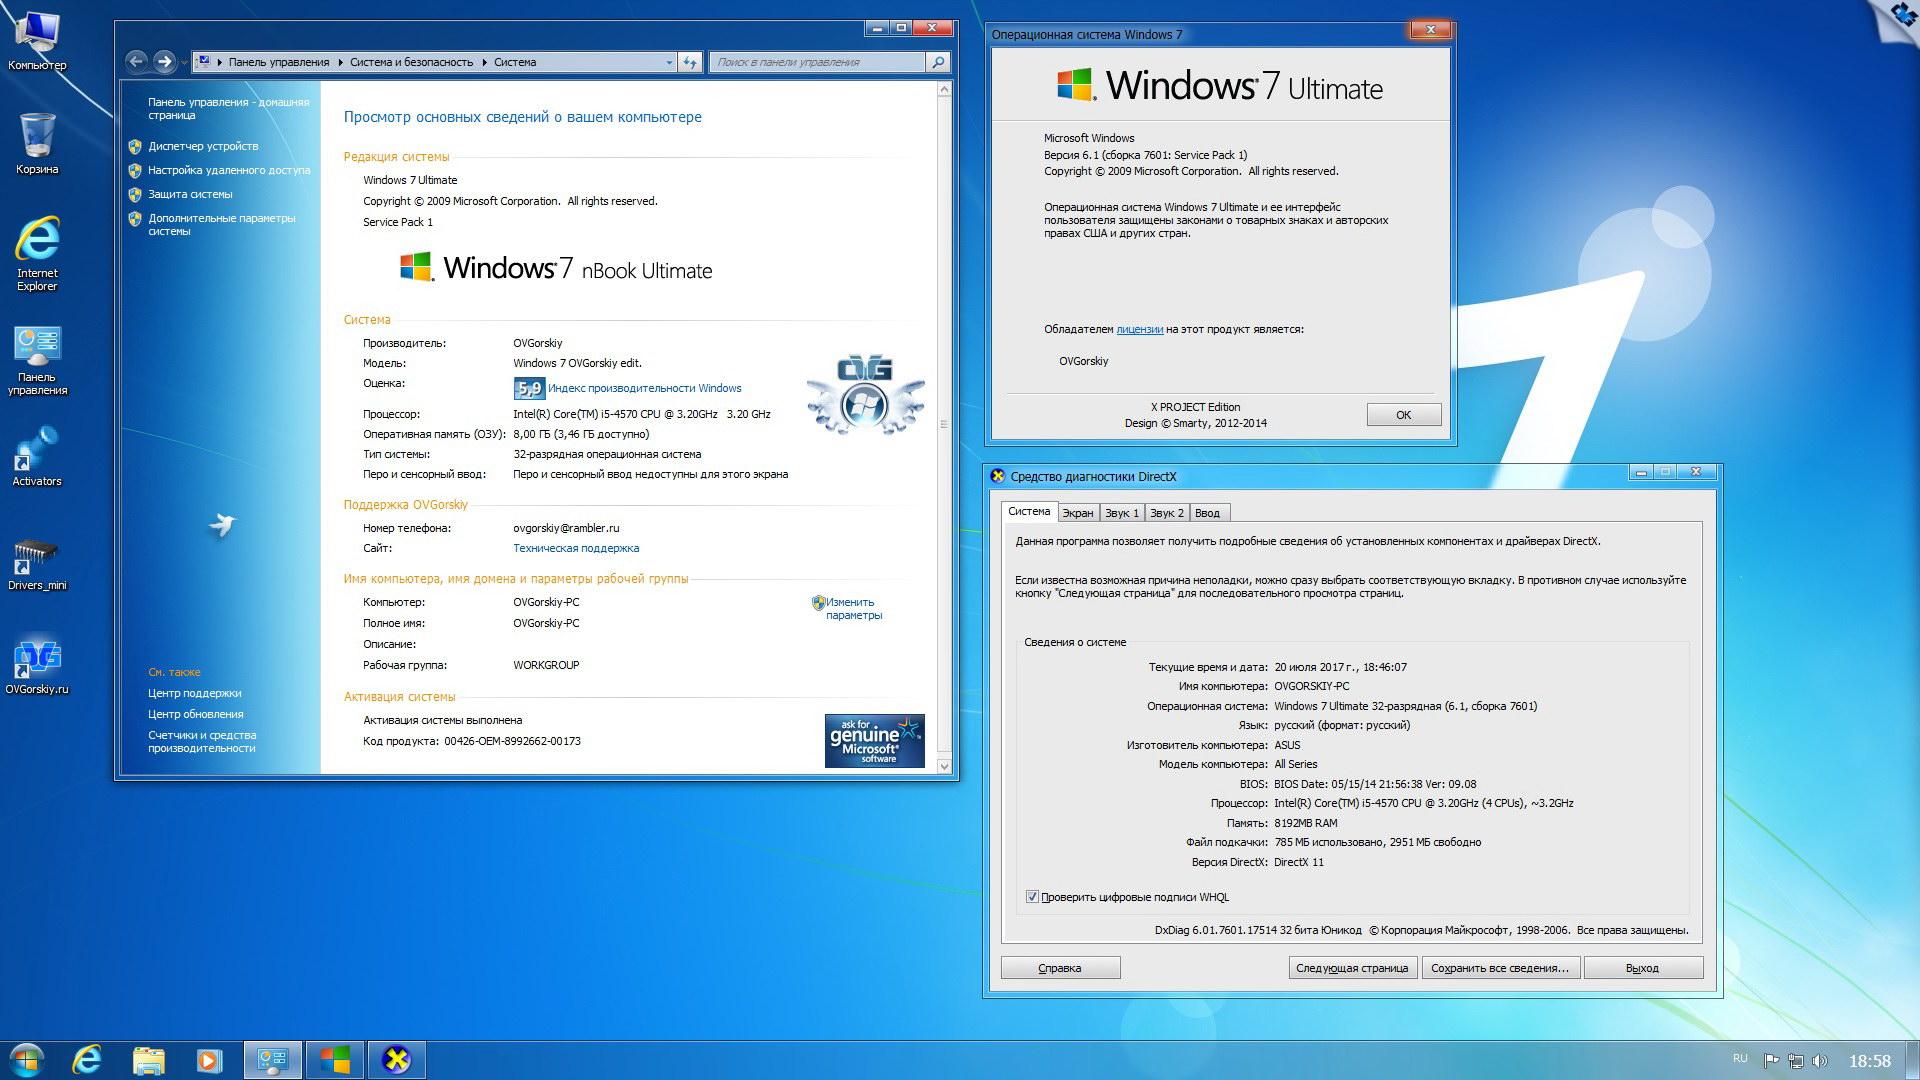 скачать windows 7 максимальная 32 bit через торрент с драйверами 2015